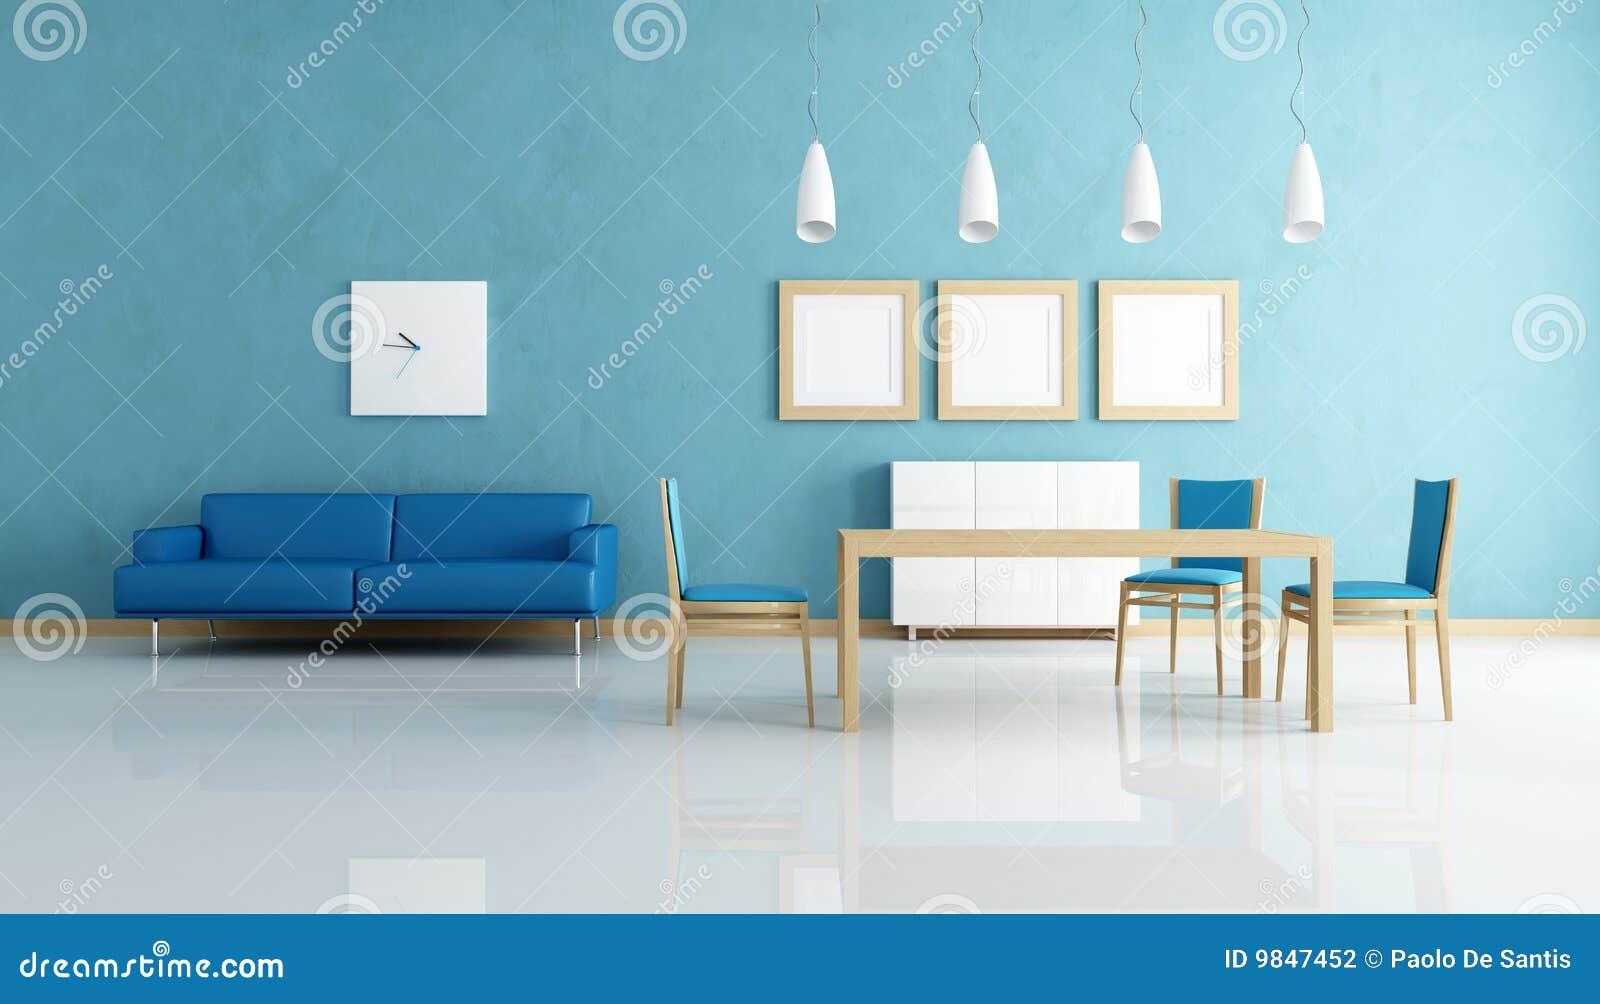 Sala De Estar Branca E Azul ~ sala de jantar azul e branca sala de jantar azul e branca